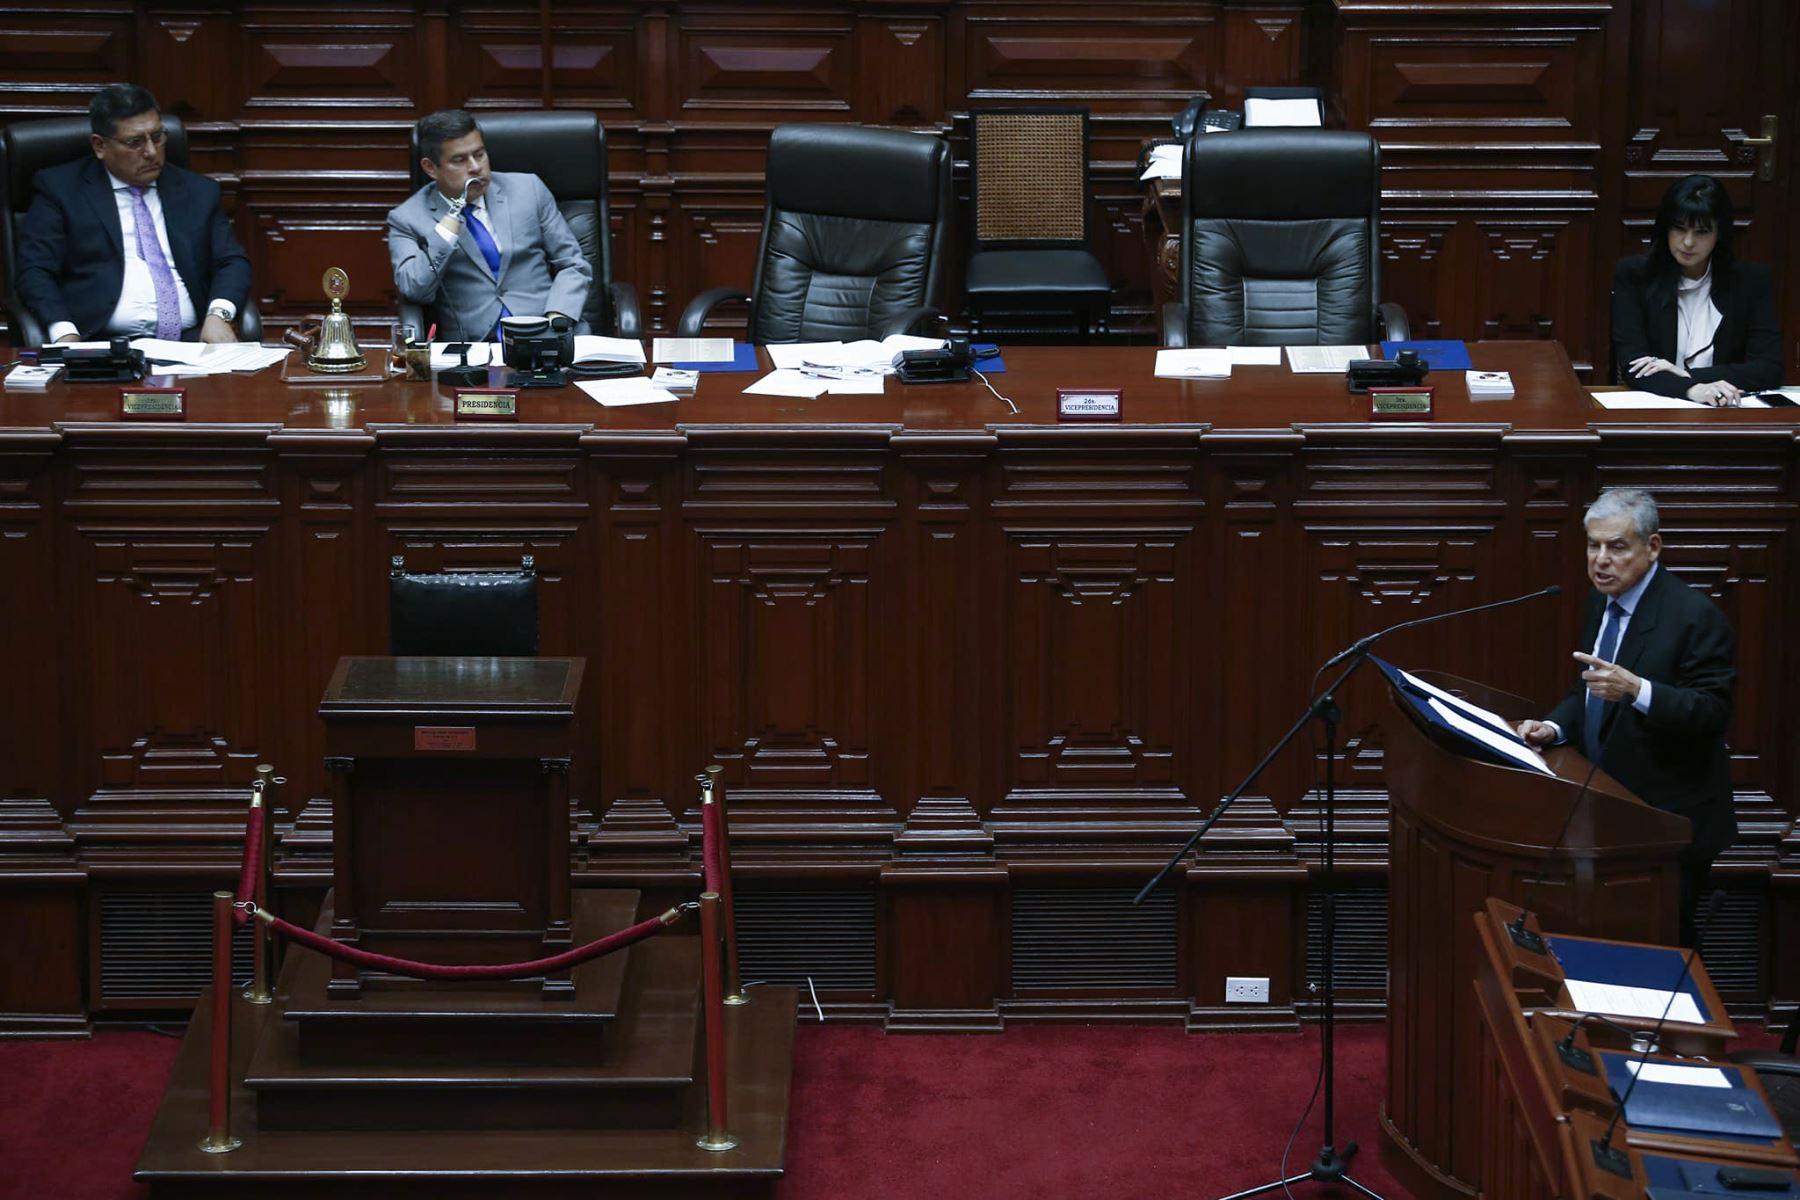 El jefe del Gabinete Ministerial, César Villanueva, junto a los ministros de Estado, se presenta ante el Congreso para exponer la política general del Gobierno y pedir el voto de confianza del Parlamento. Foto: ANDINA/Melina Mejía.